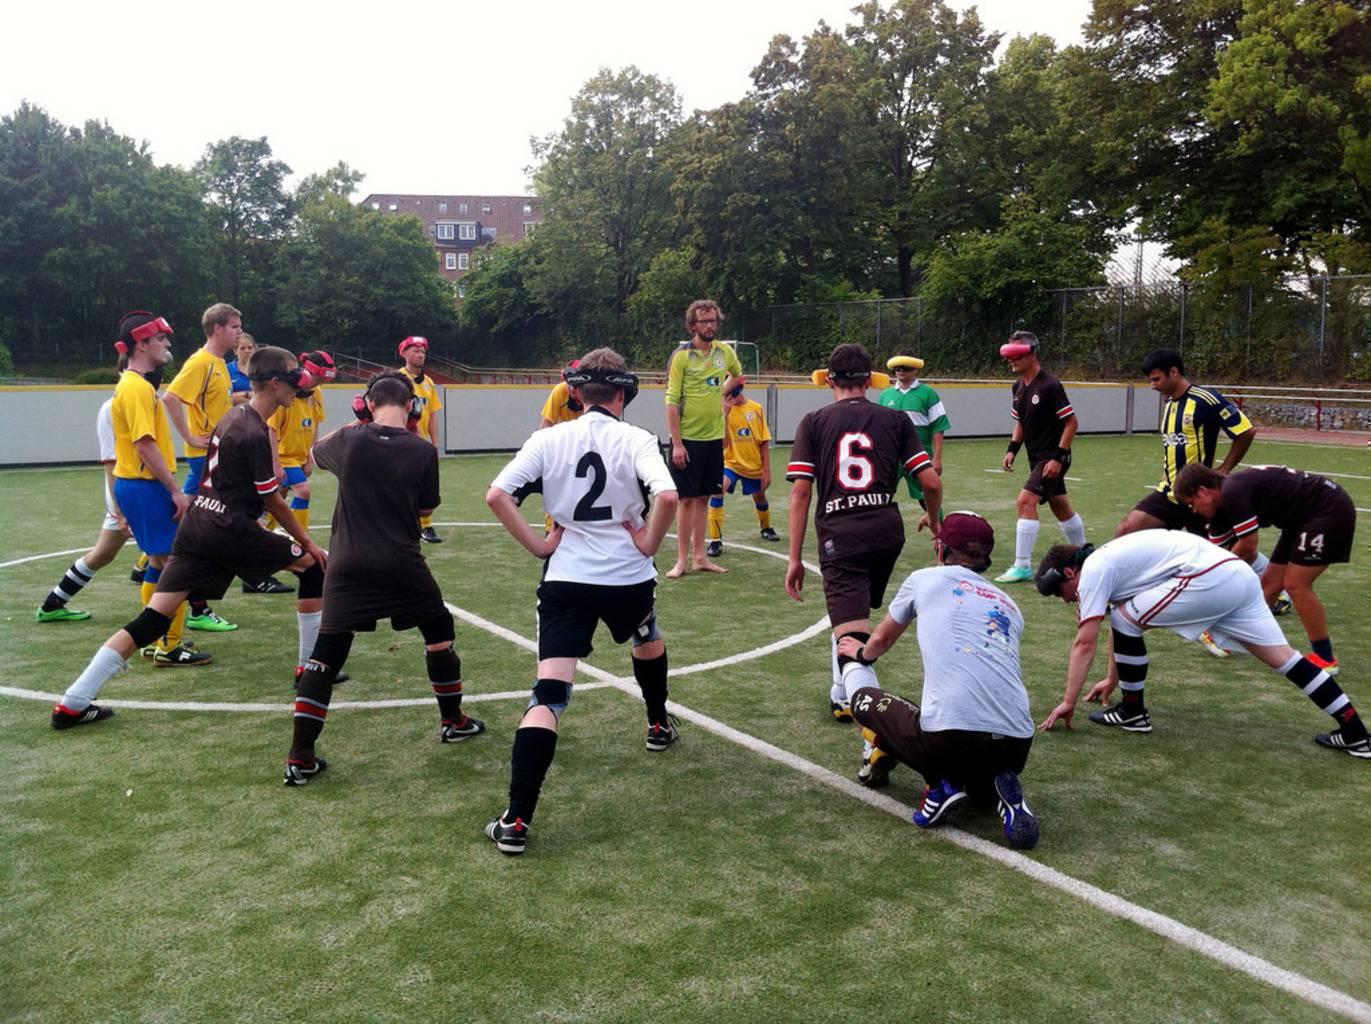 Spieler beider Mannschaften bilden einen großen Kreis auf dem Spielfeld und dehnen sich.